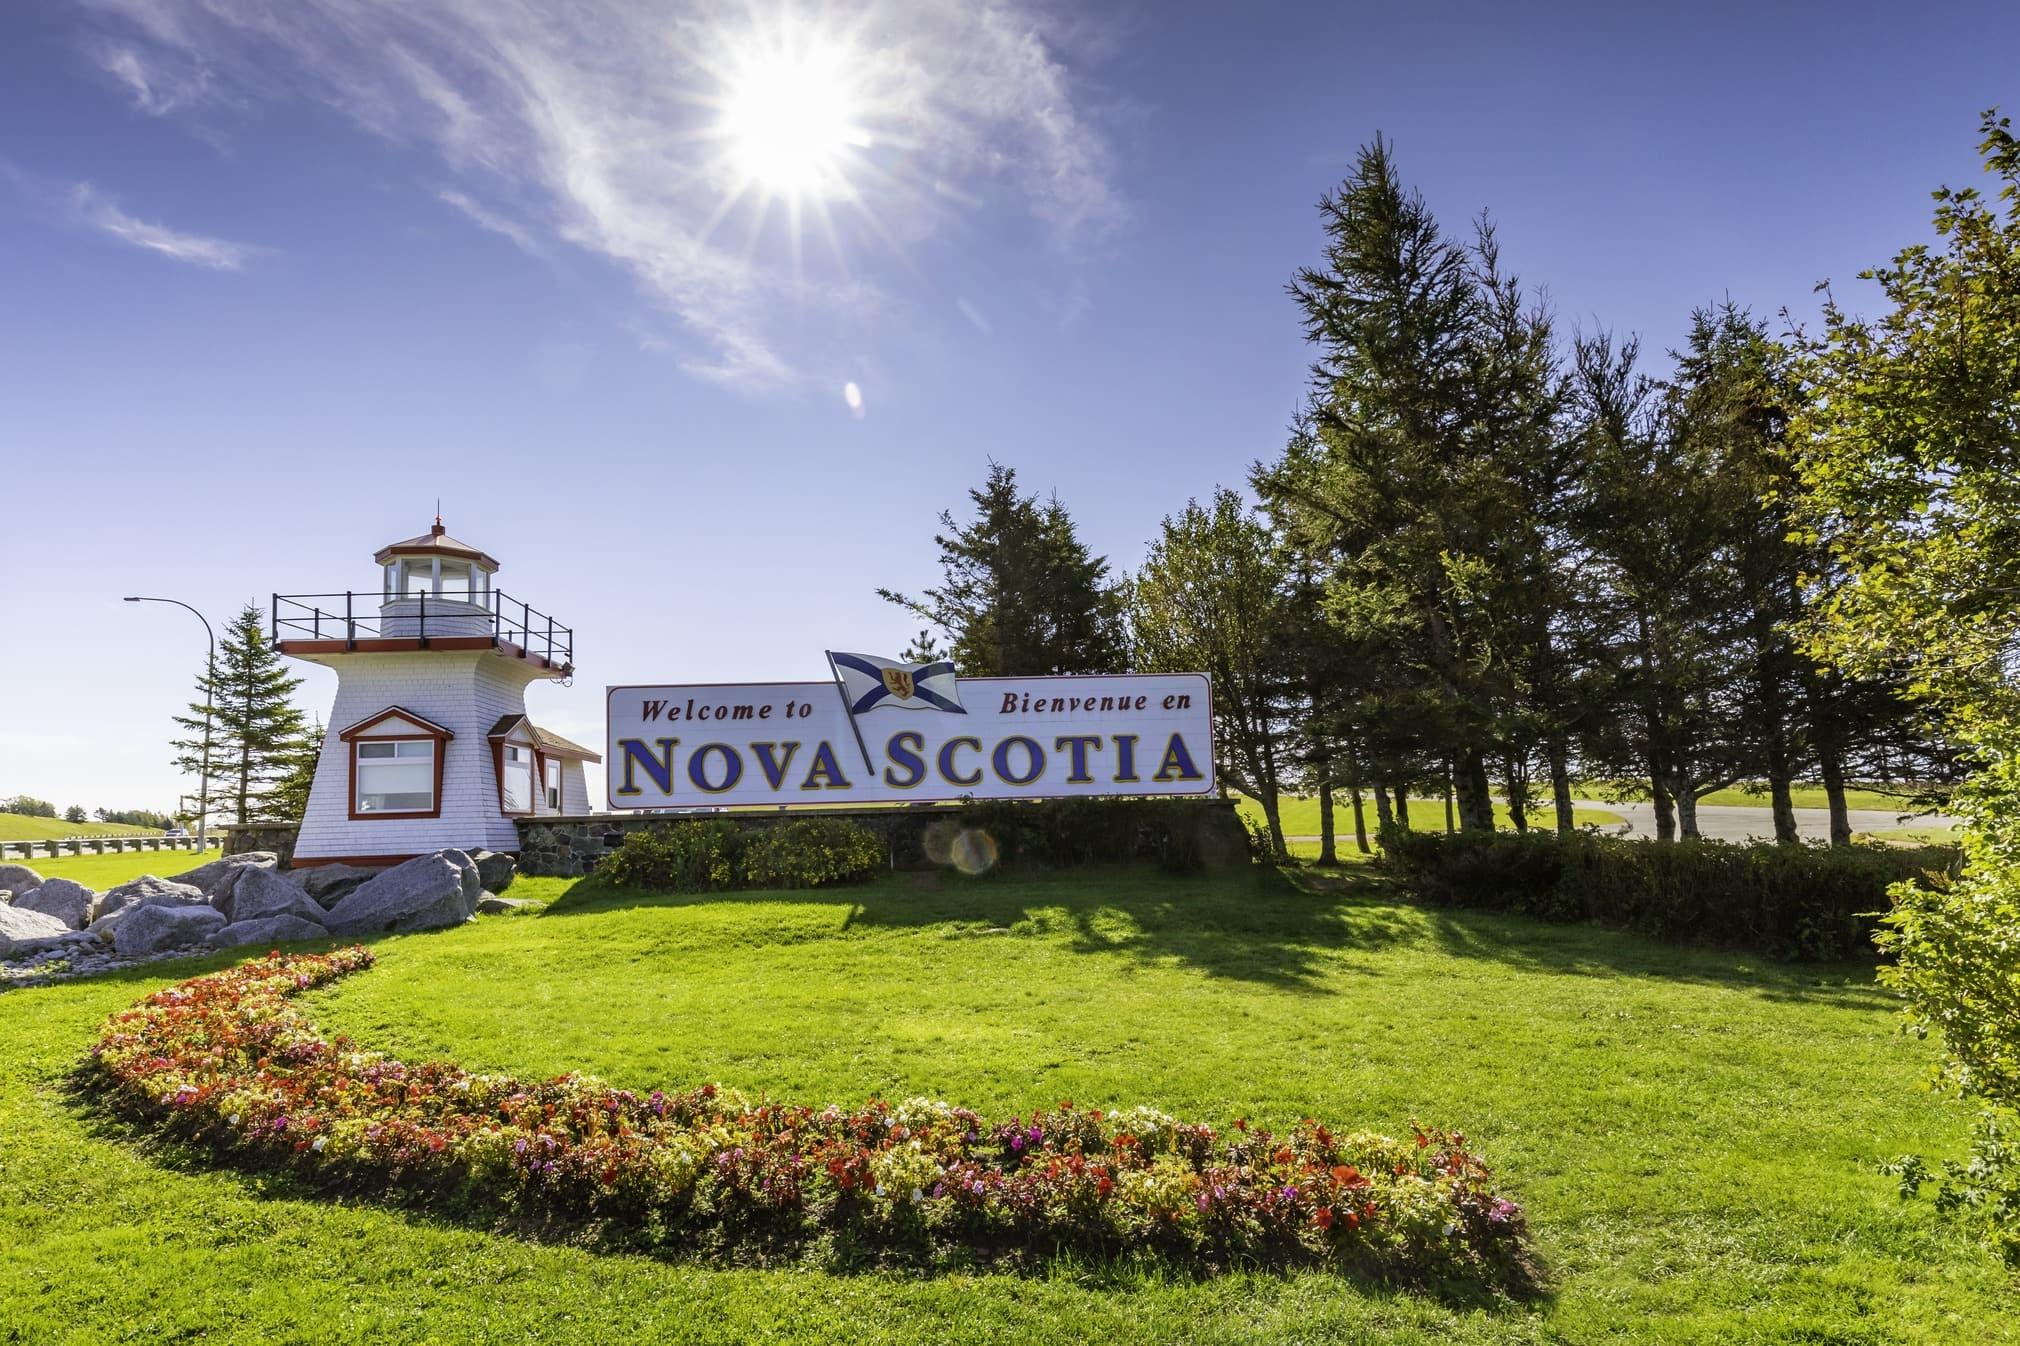 Welcome to Nova Scotia sign